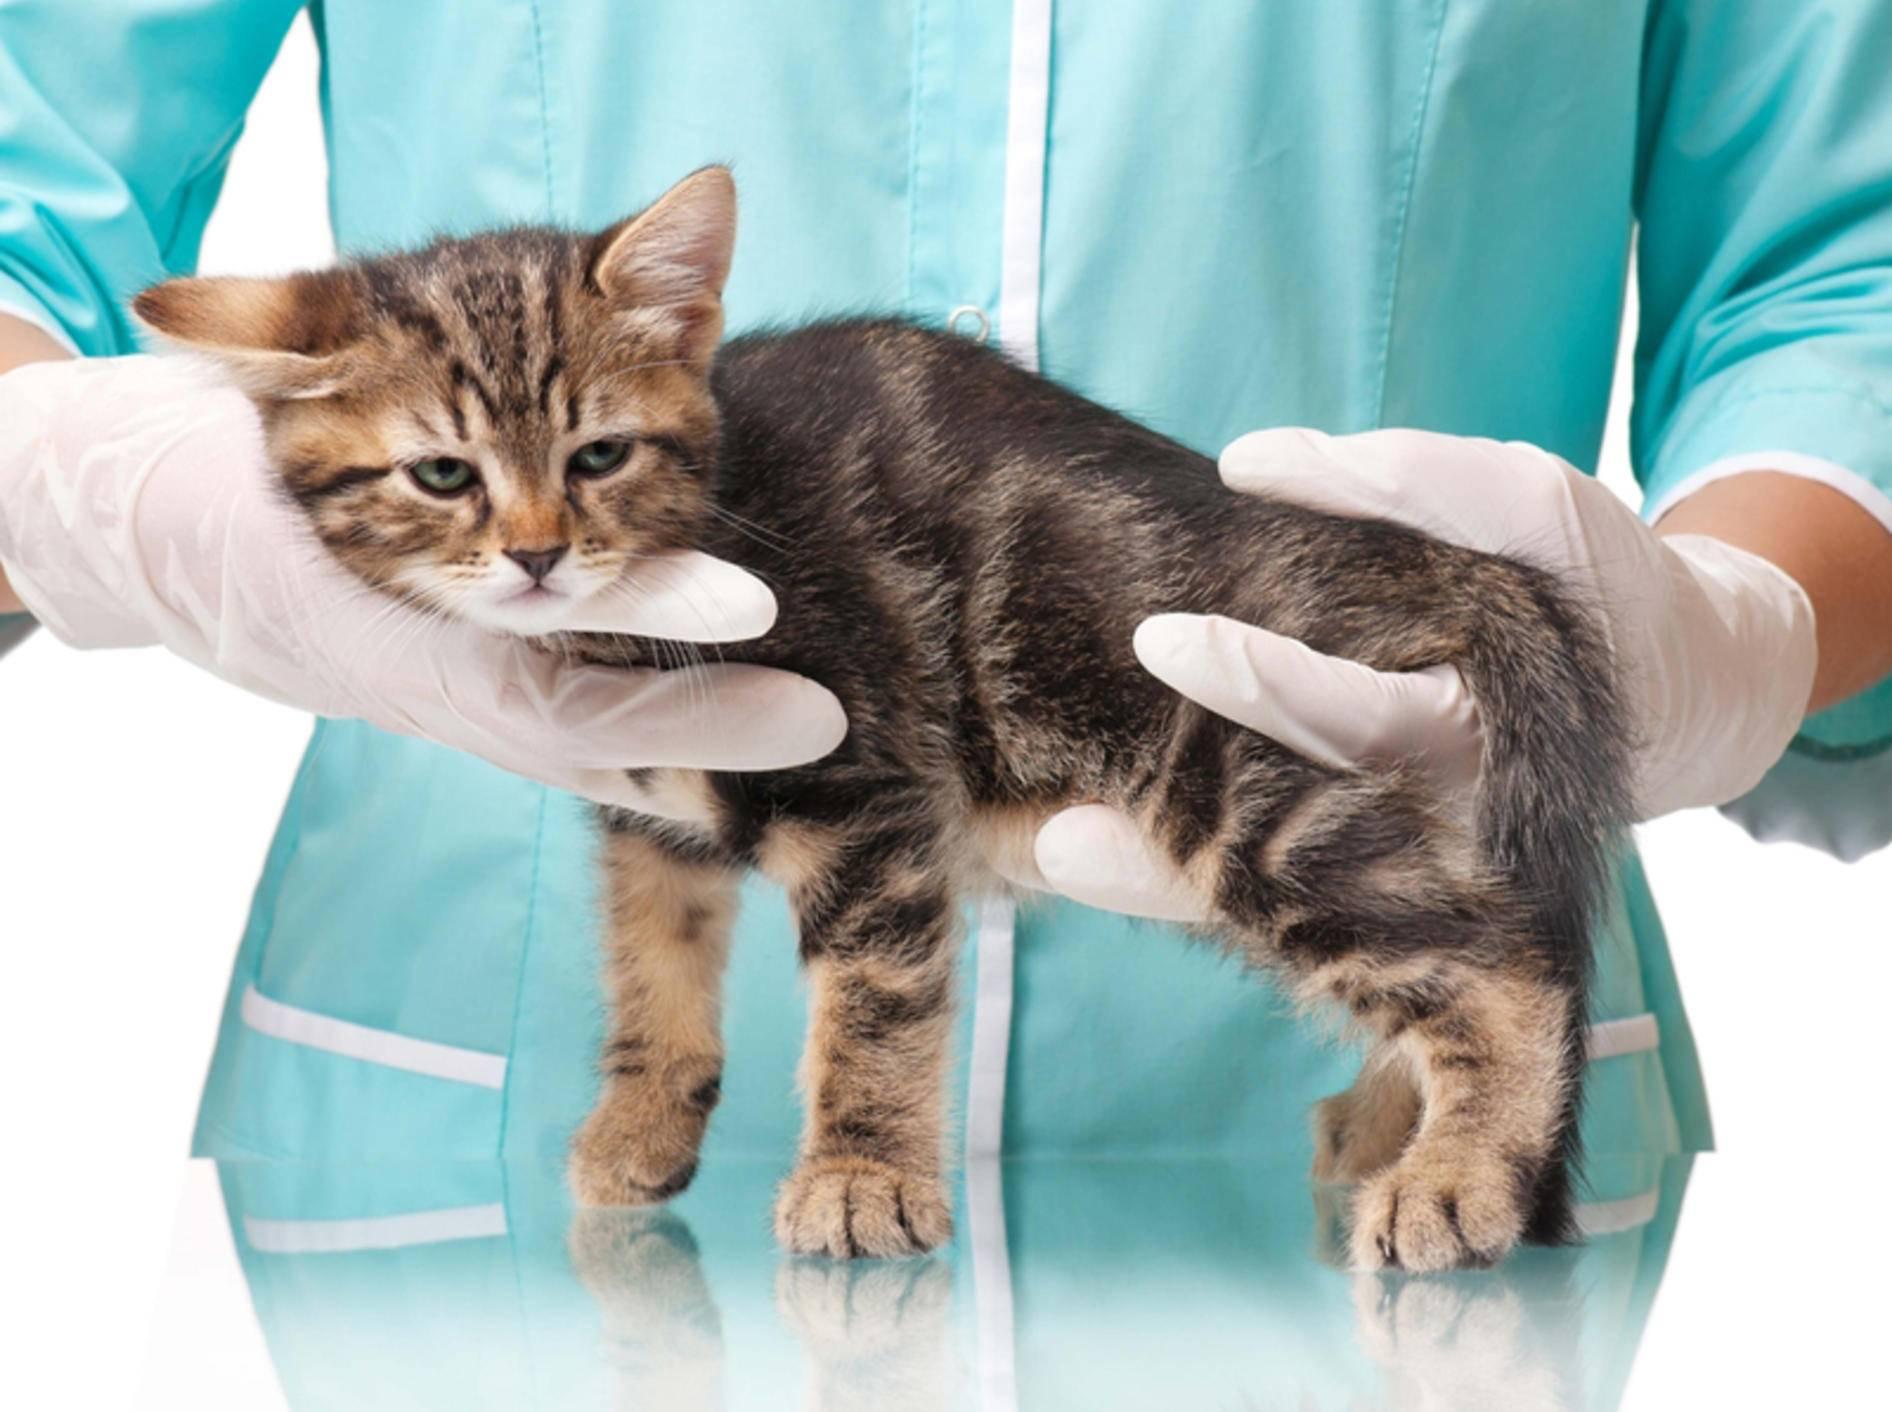 Knochenbrüche behandeln: Gliedmaßen entlasten und schnell zum Tierarzt – Bild: Shutterstock / Lubava